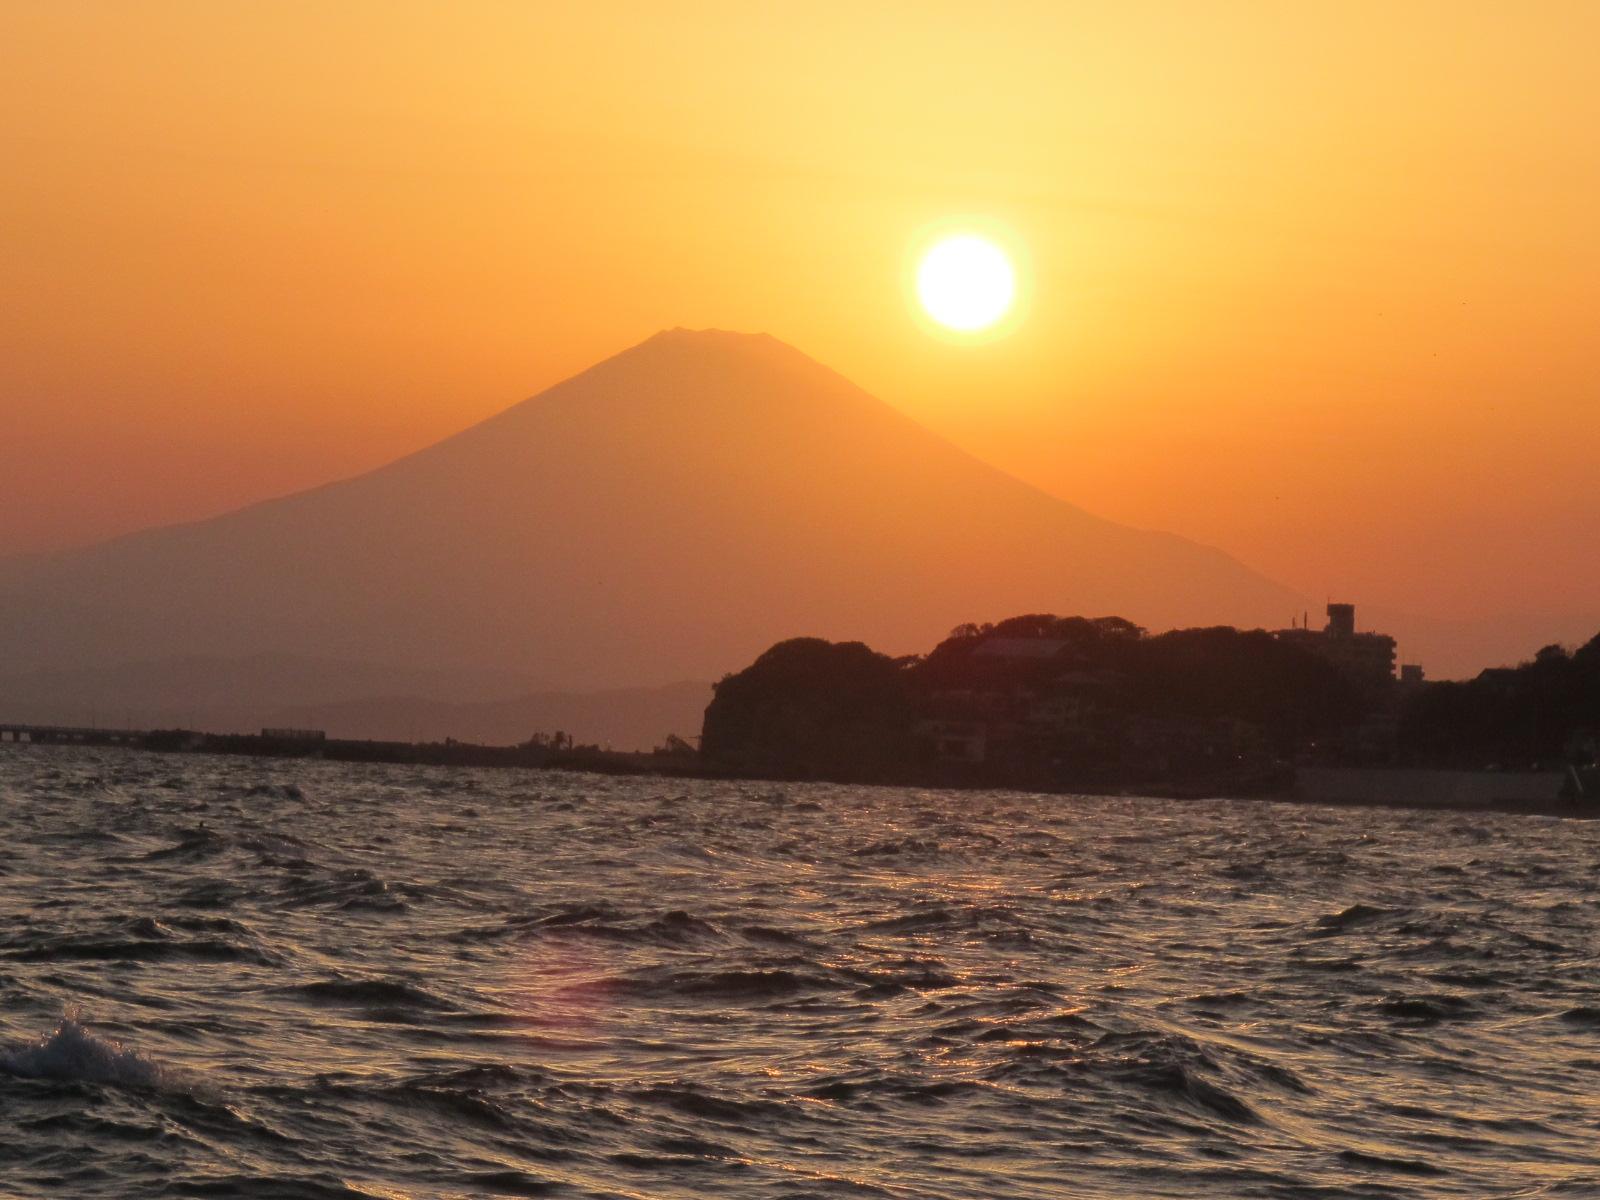 金色に耀く、ゴールデン富士・・・10_c0075701_2262828.jpg